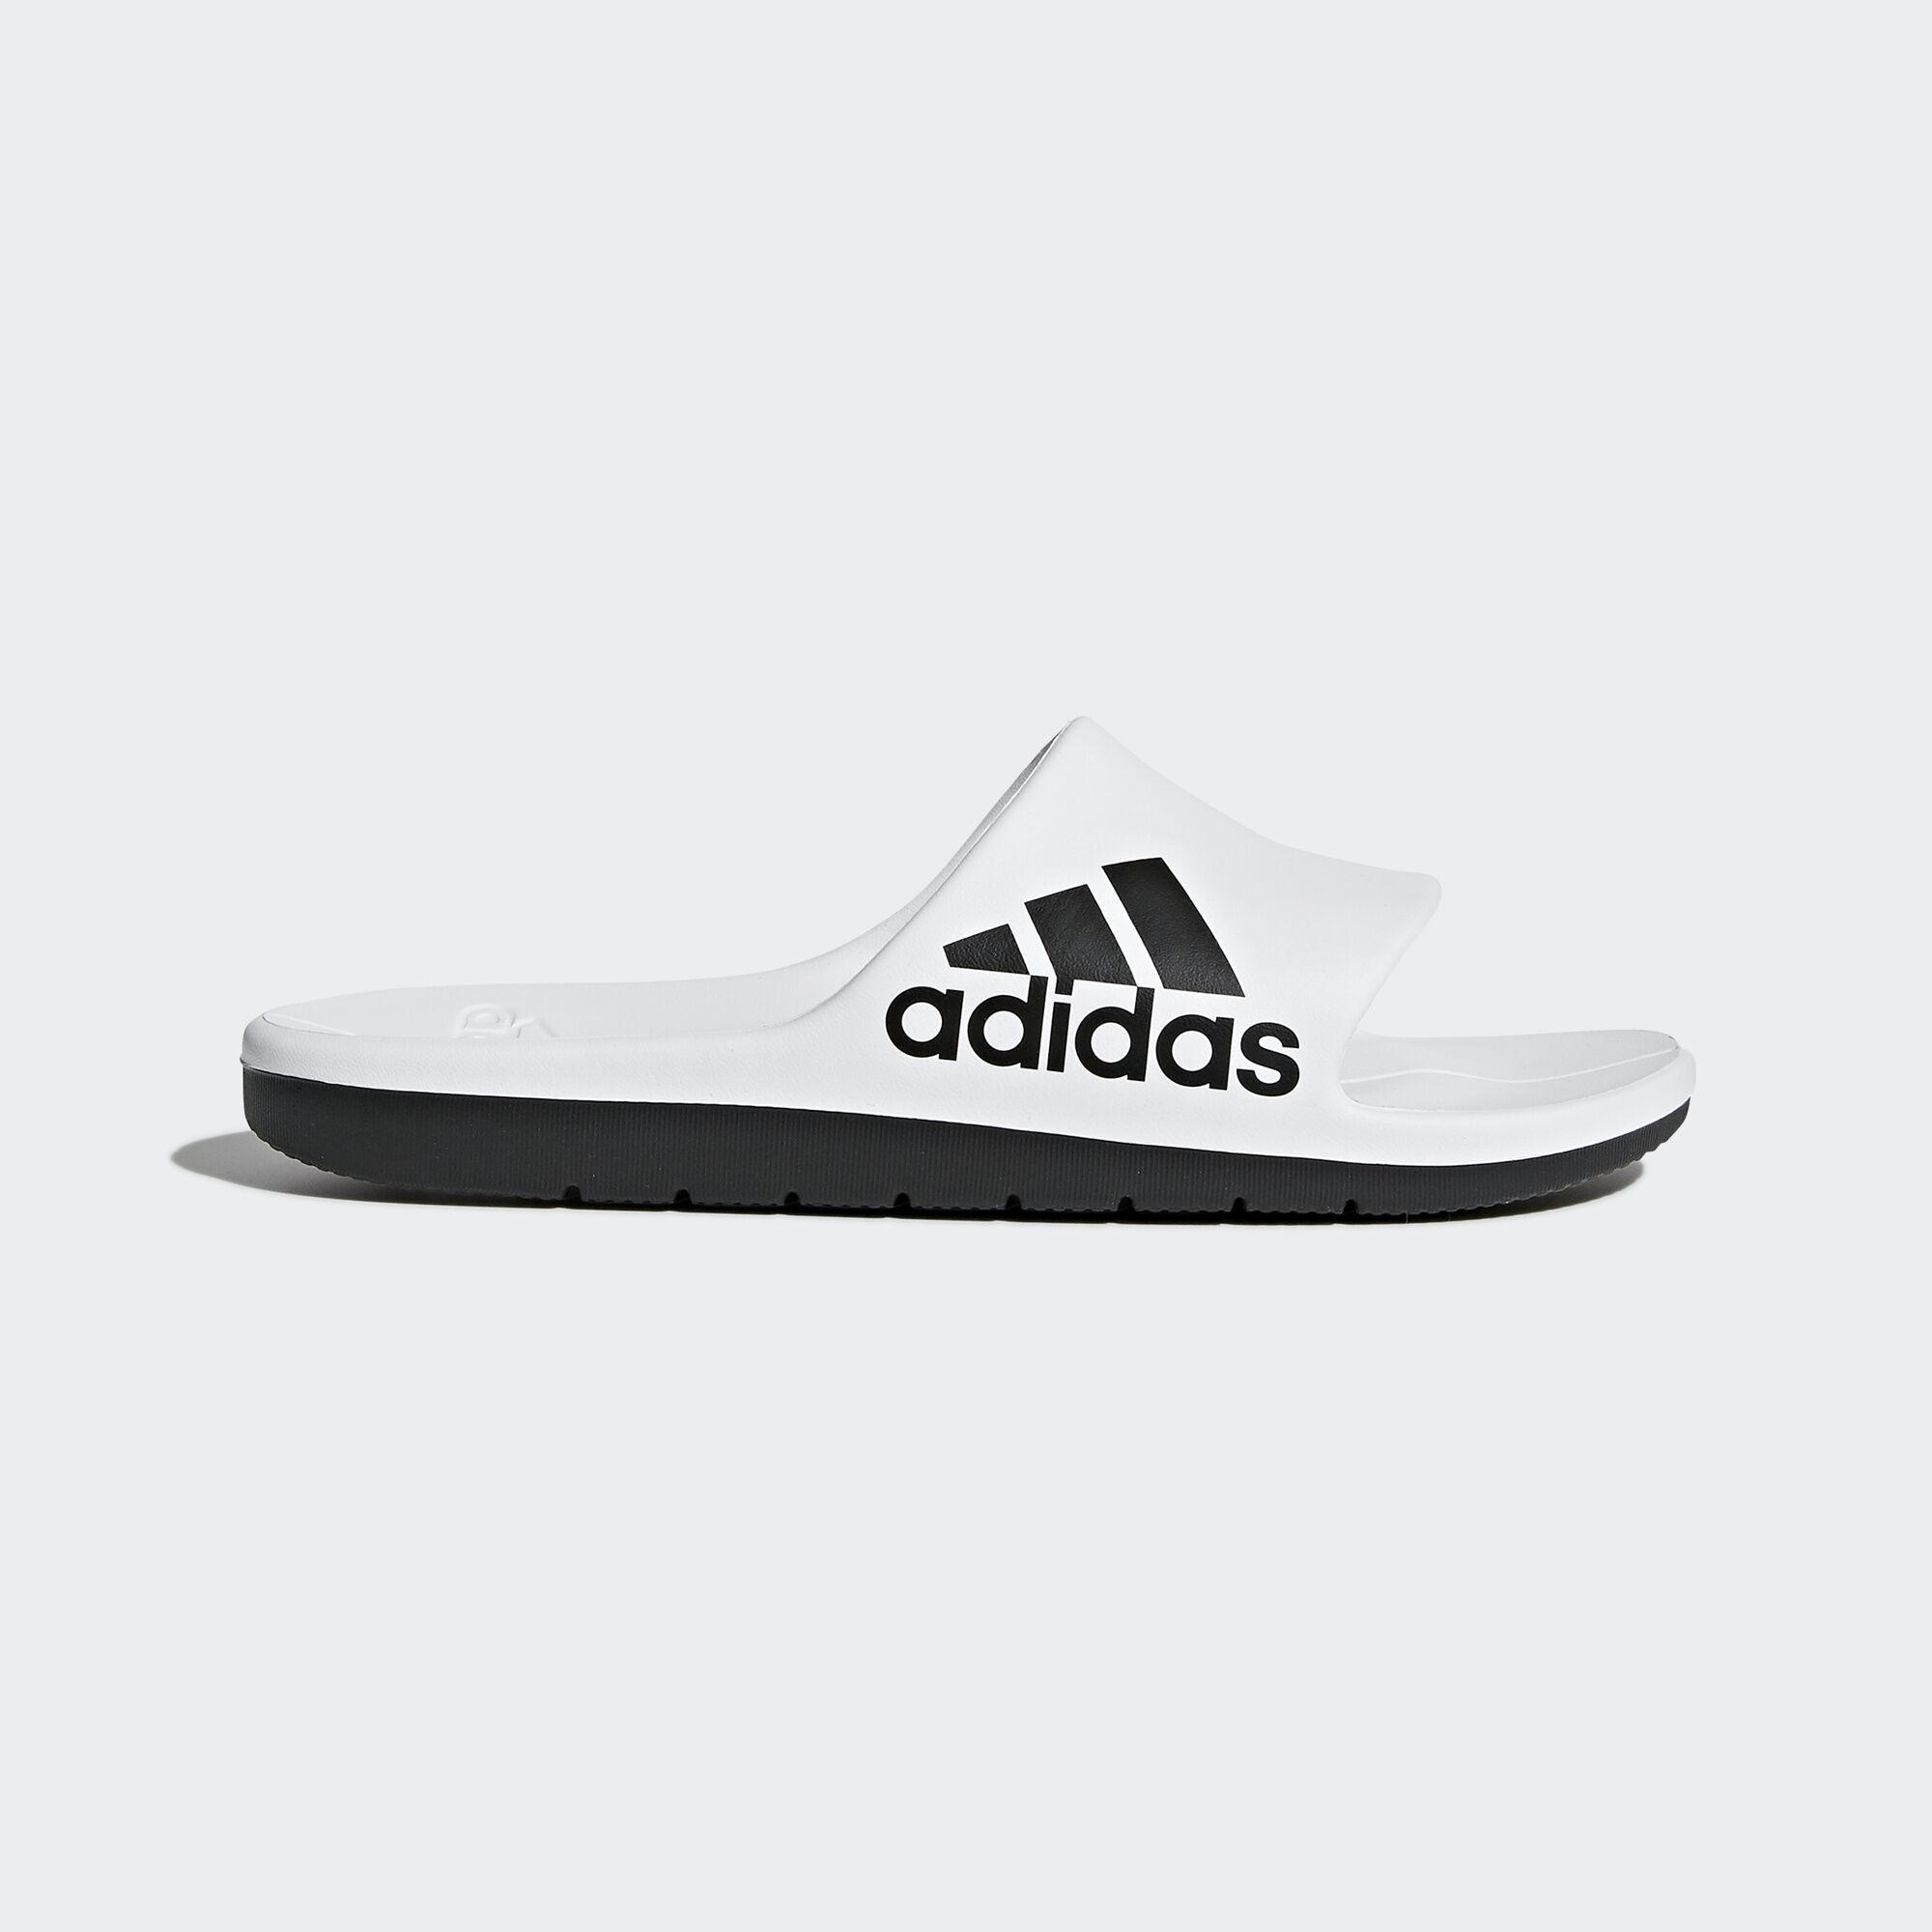 adidas - Aqualette Cloudfoam Slides Ftwr White/Core Black/Core Black CM7927